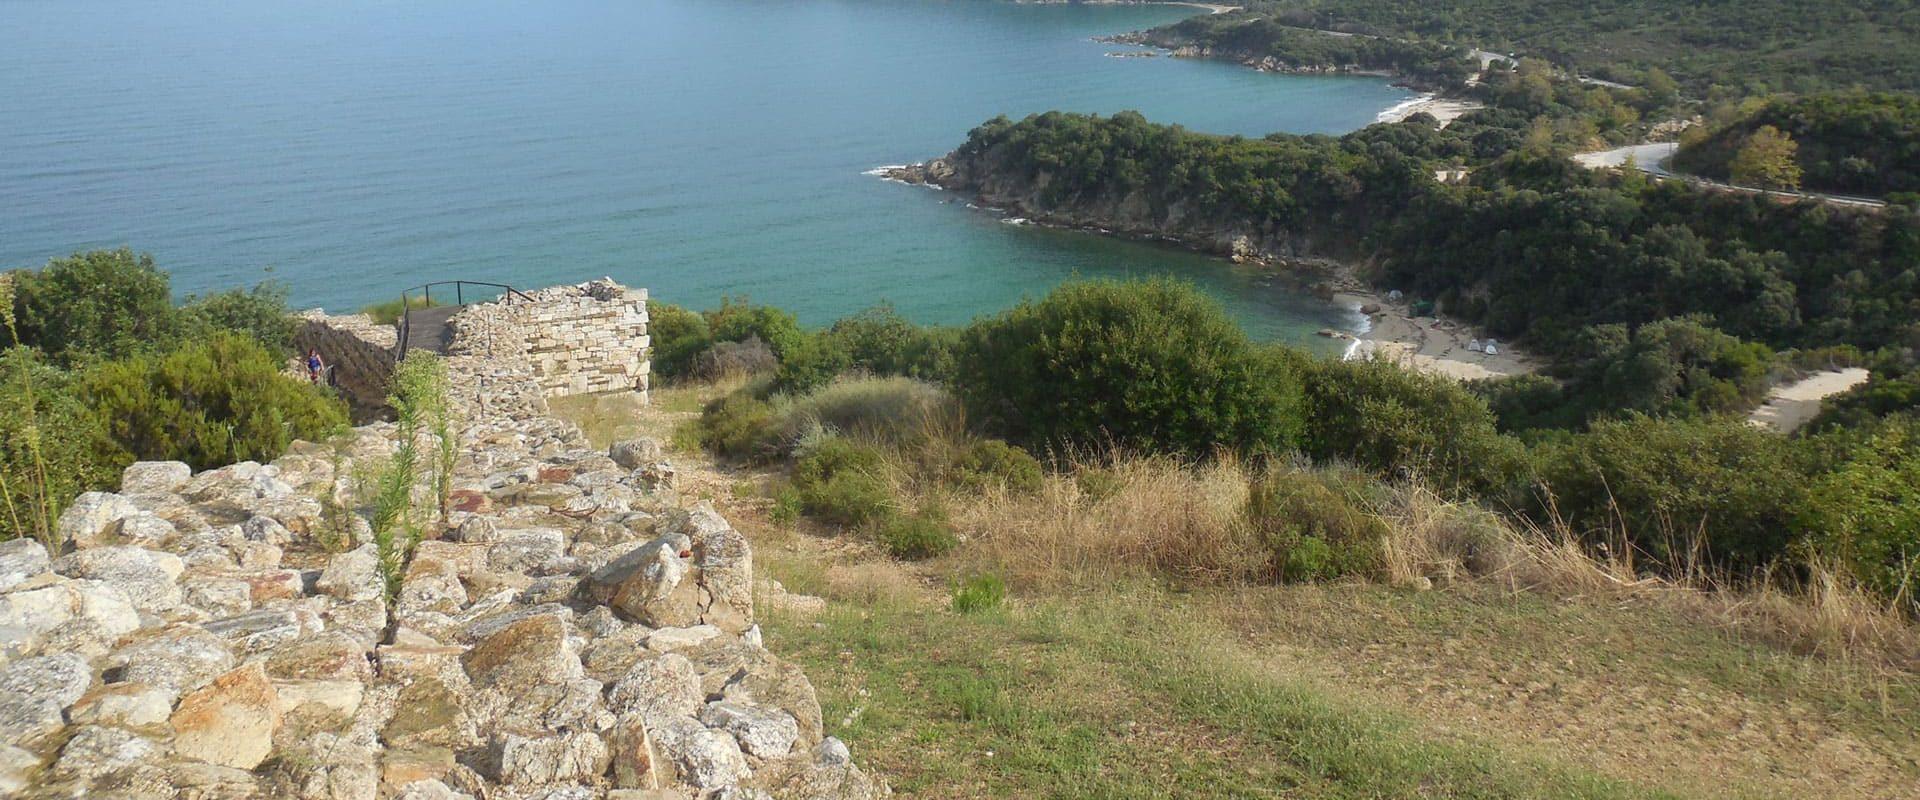 Αρχαία Στάγειρα